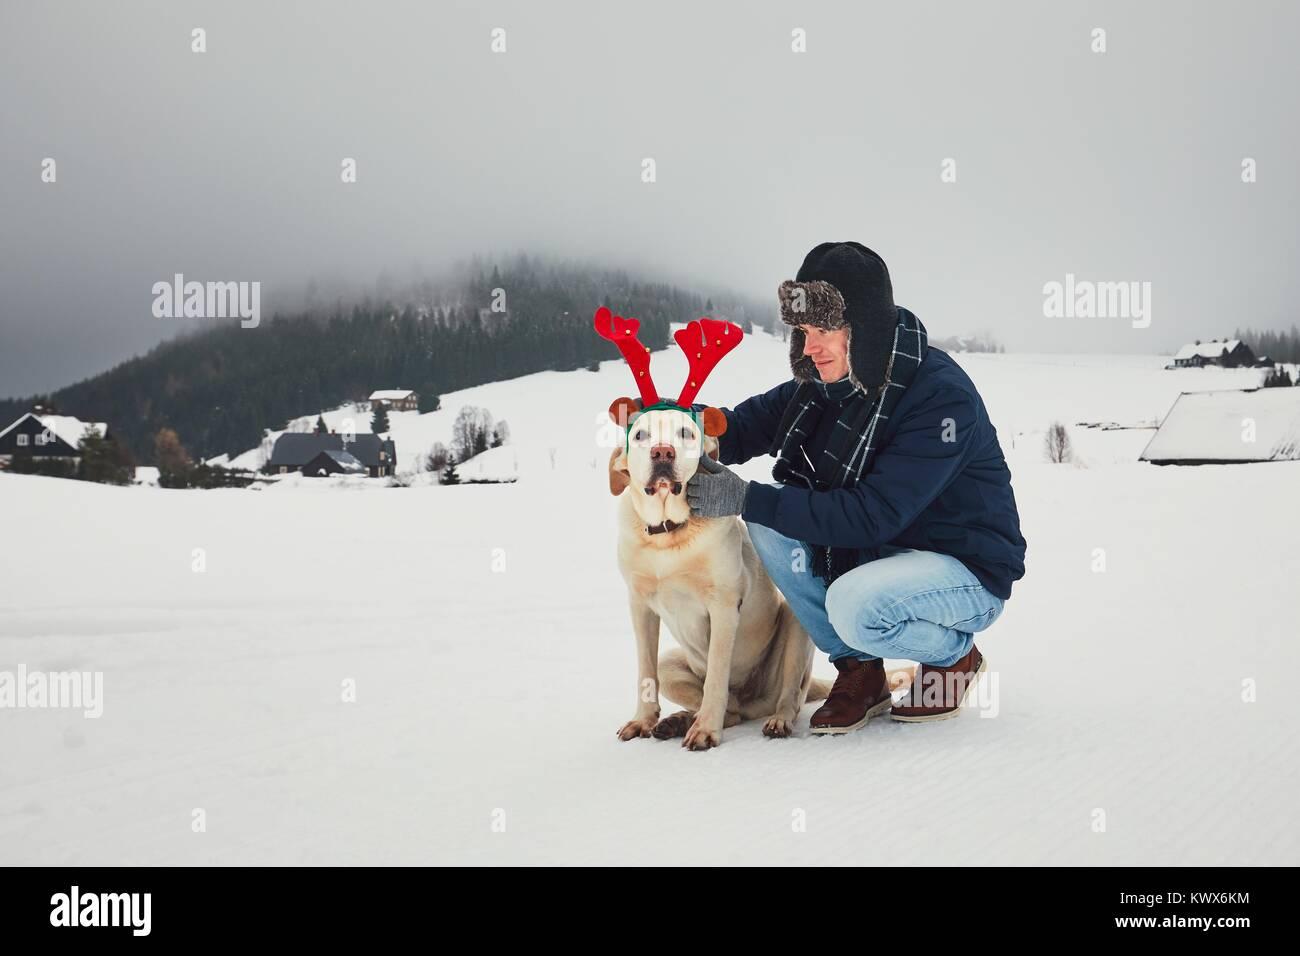 Divertente passeggiata con il cane nel paesaggio innevato. Il Labrador retriever è indossano false corna di Immagini Stock